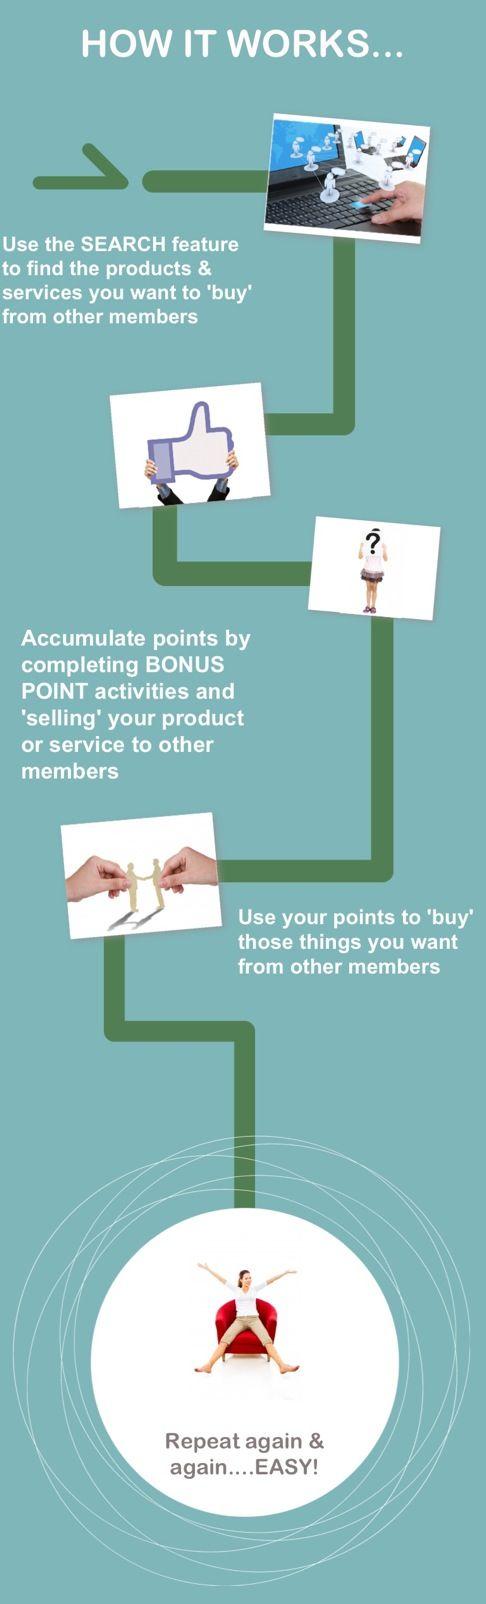 How Share Shop works! www.shareshop.com.au